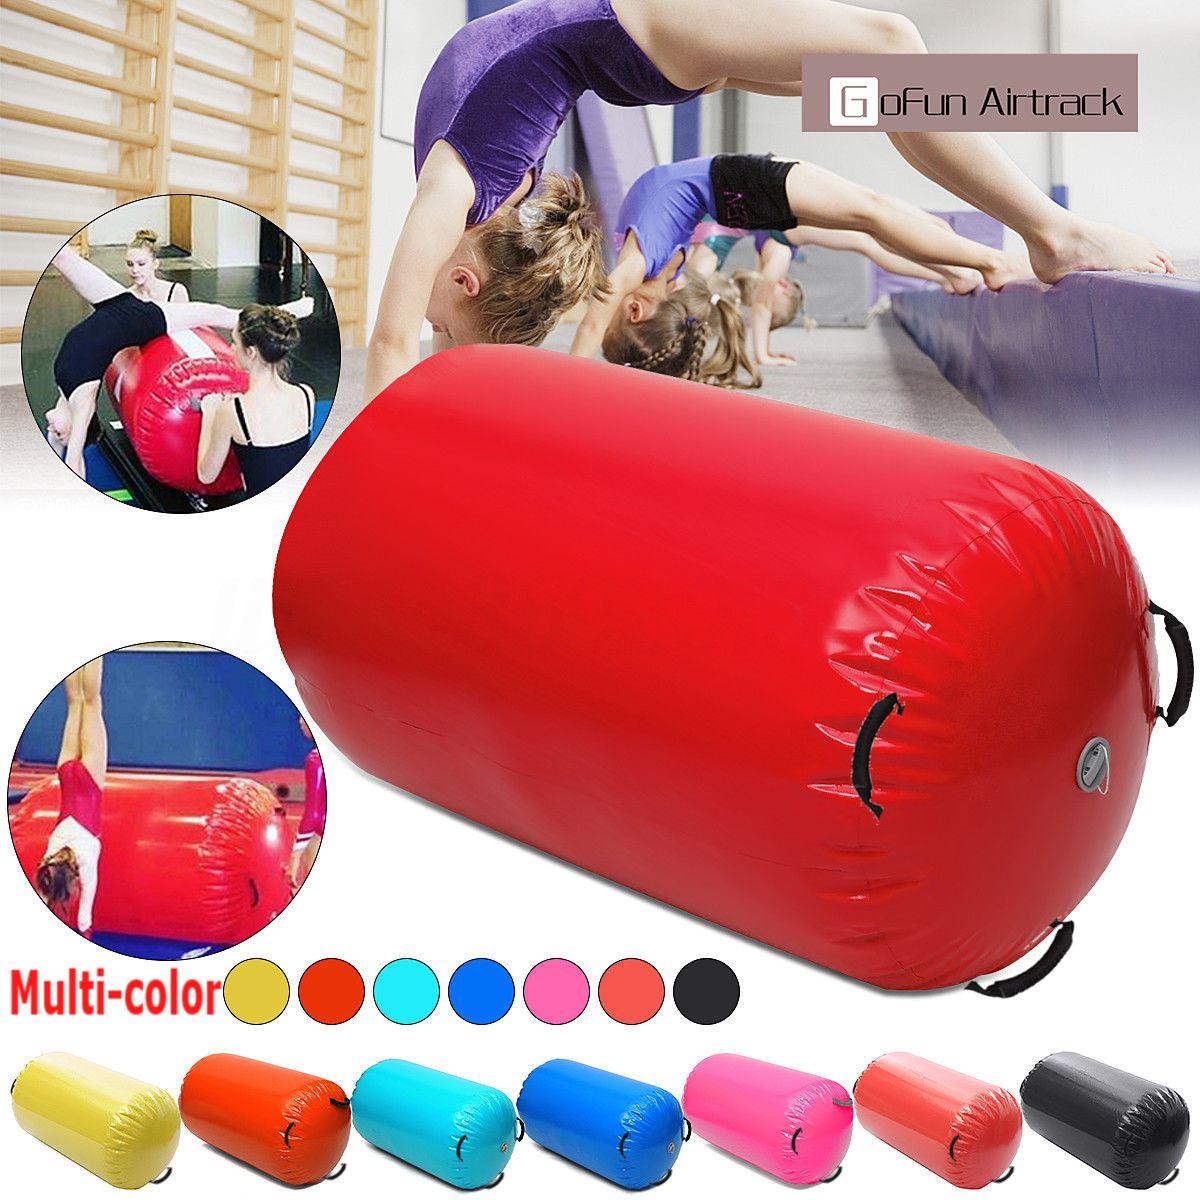 120x60 CM Fitness Gonflable Air Rouleau Grande Maison De Yoga Gymnastique Cylindre GYM Tapis Faisceau CHAUDE